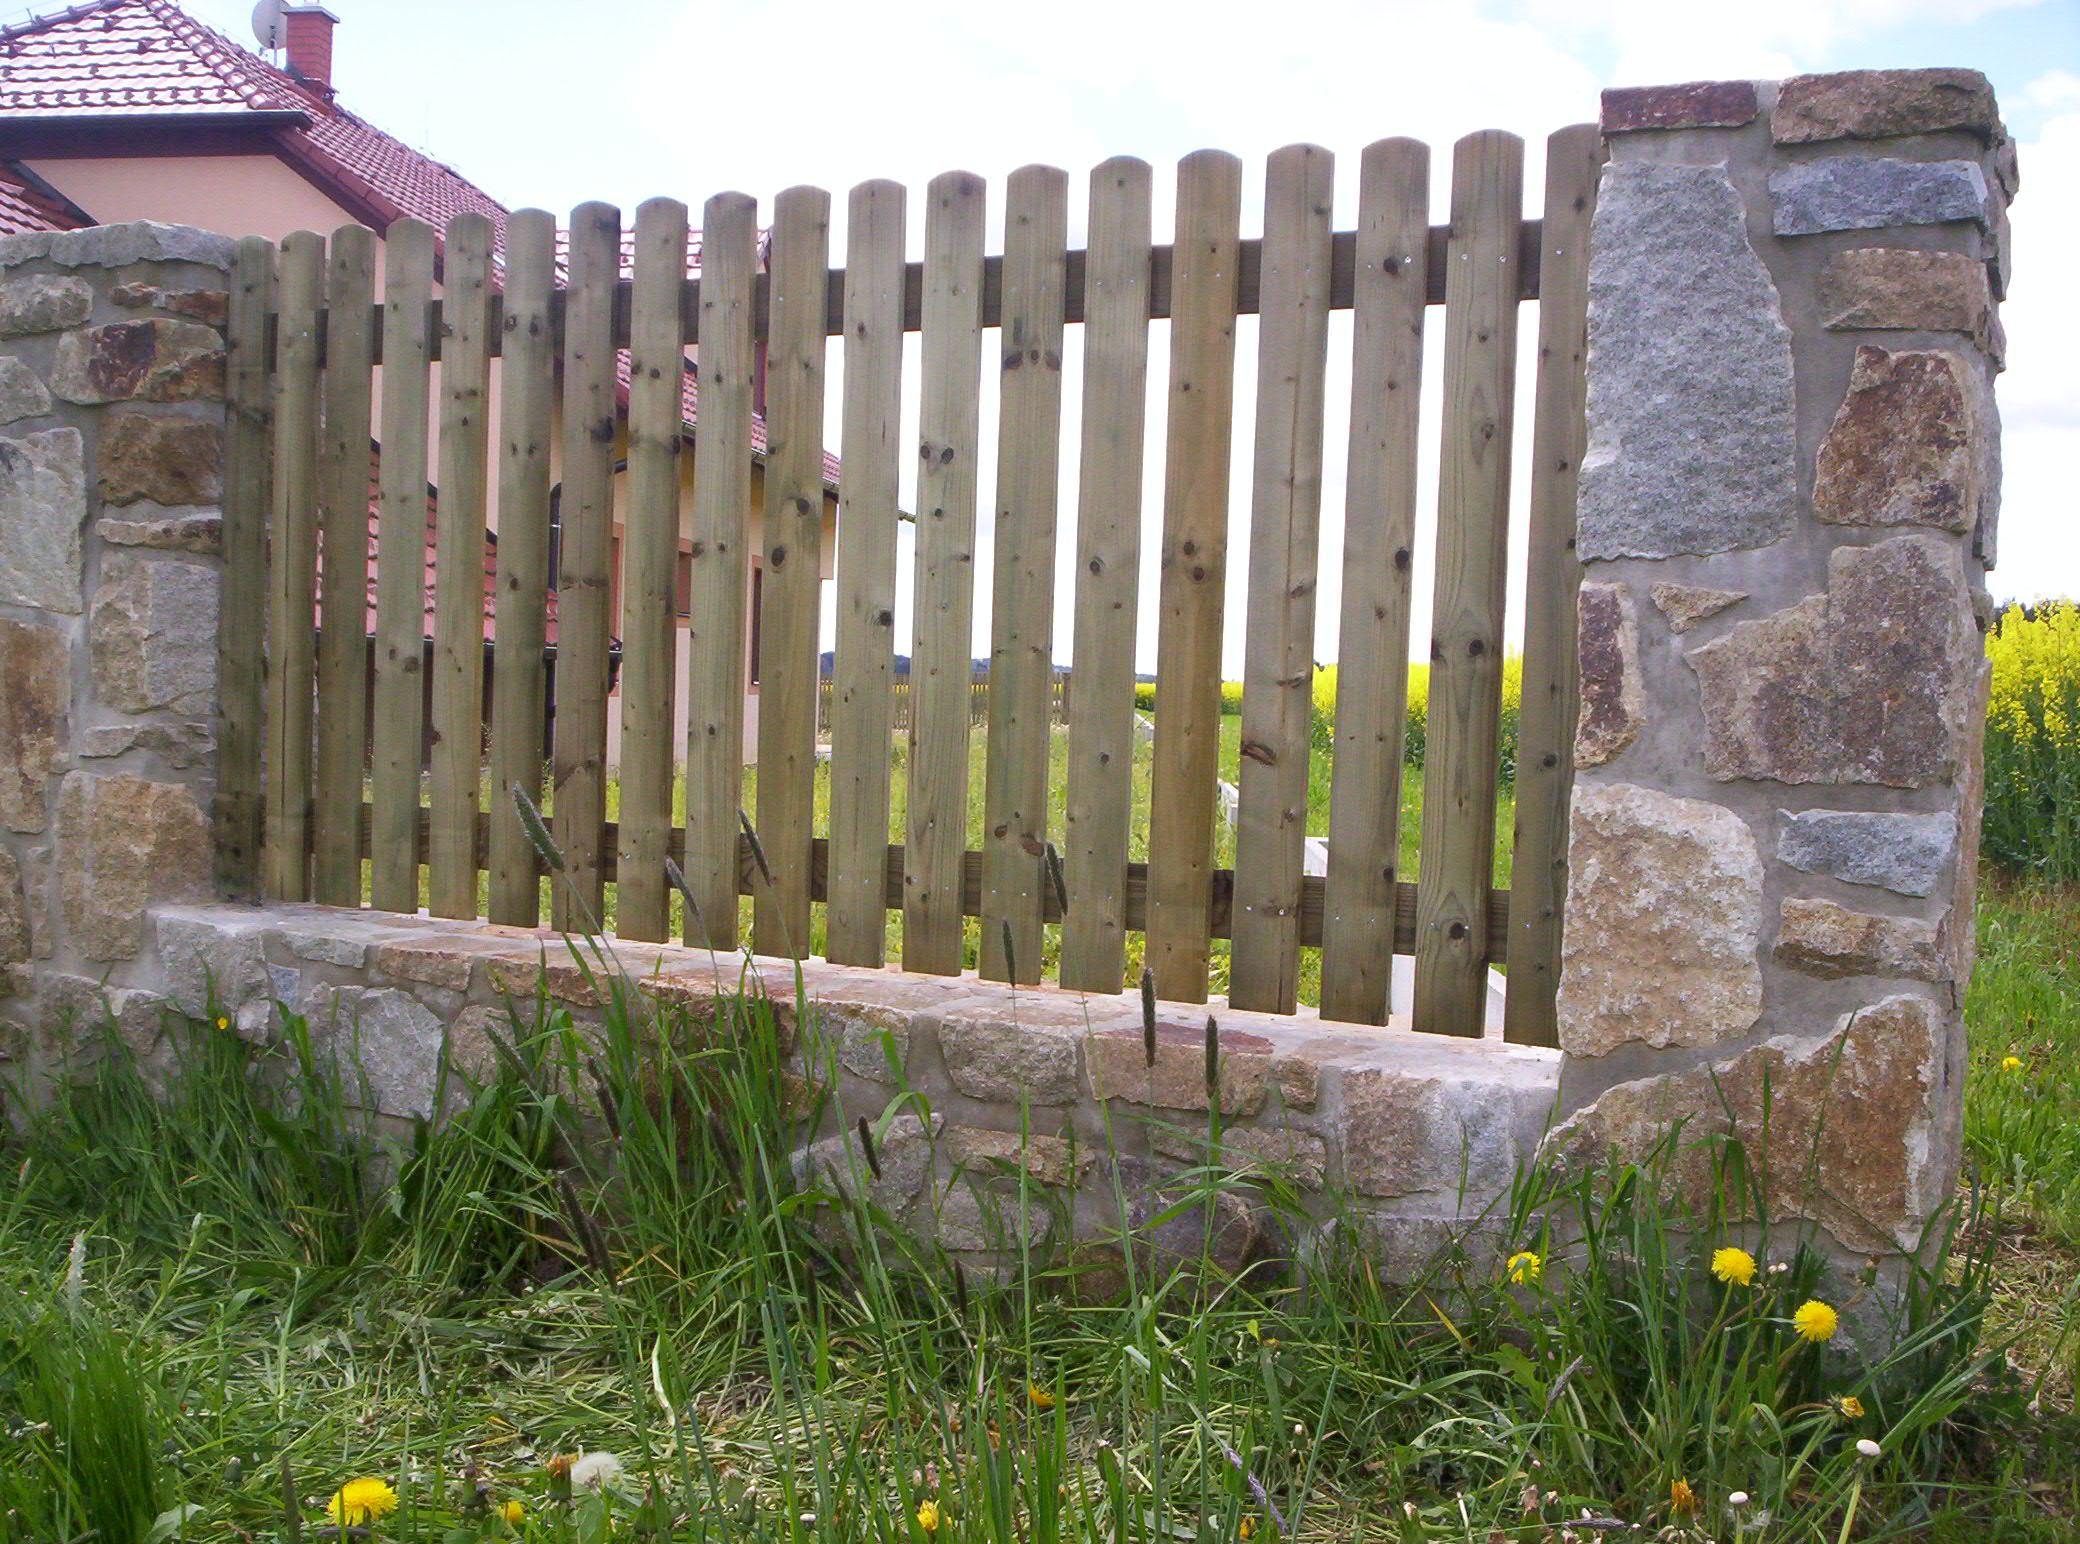 Preventivní přípravky Bochemit k ochraně dřeva